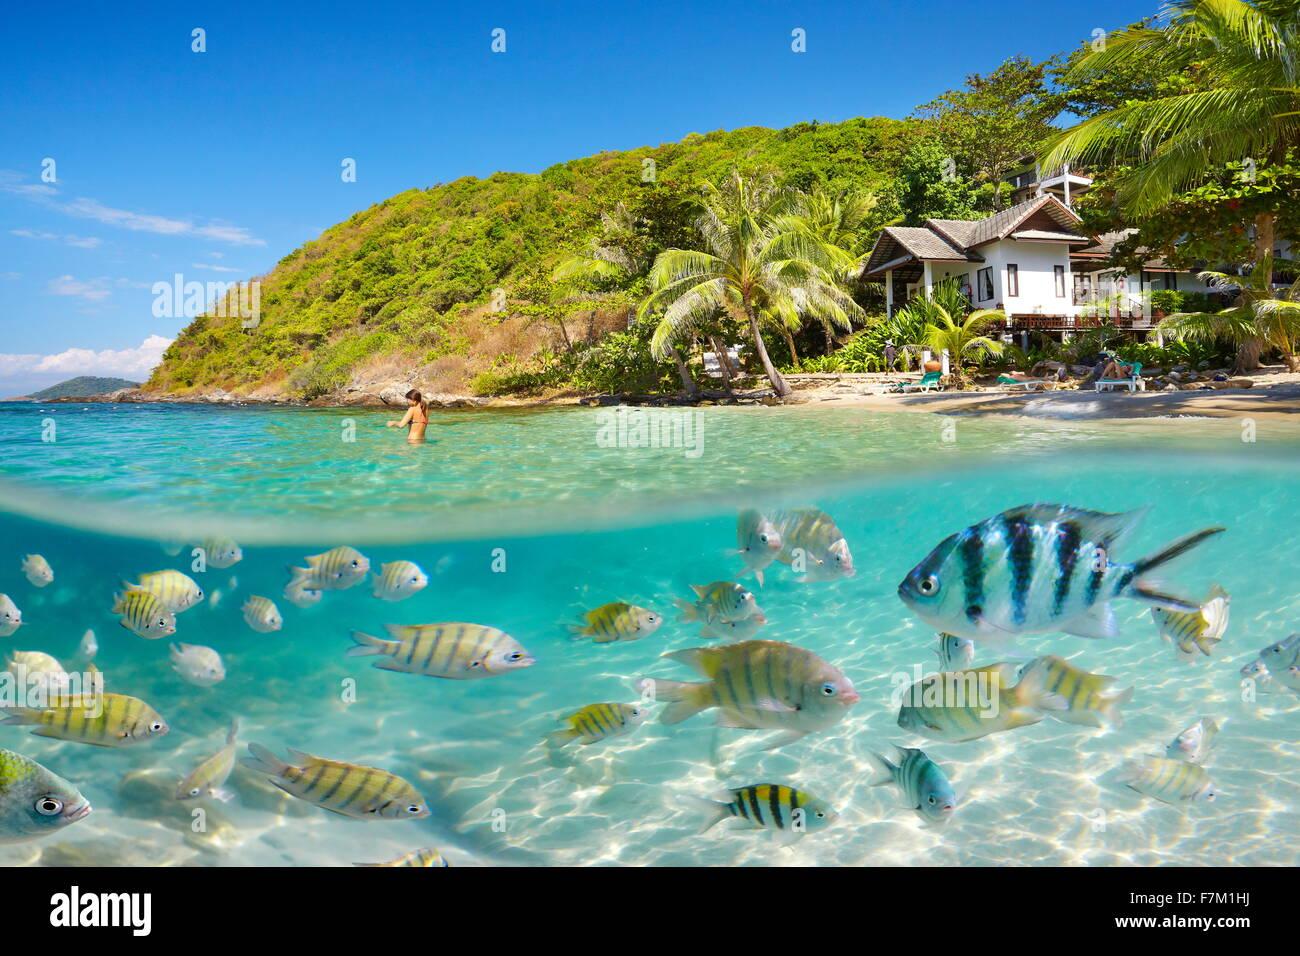 Sous l'eau de mer à l'Île de Ko Samet, Thaïlande, Asie Banque D'Images